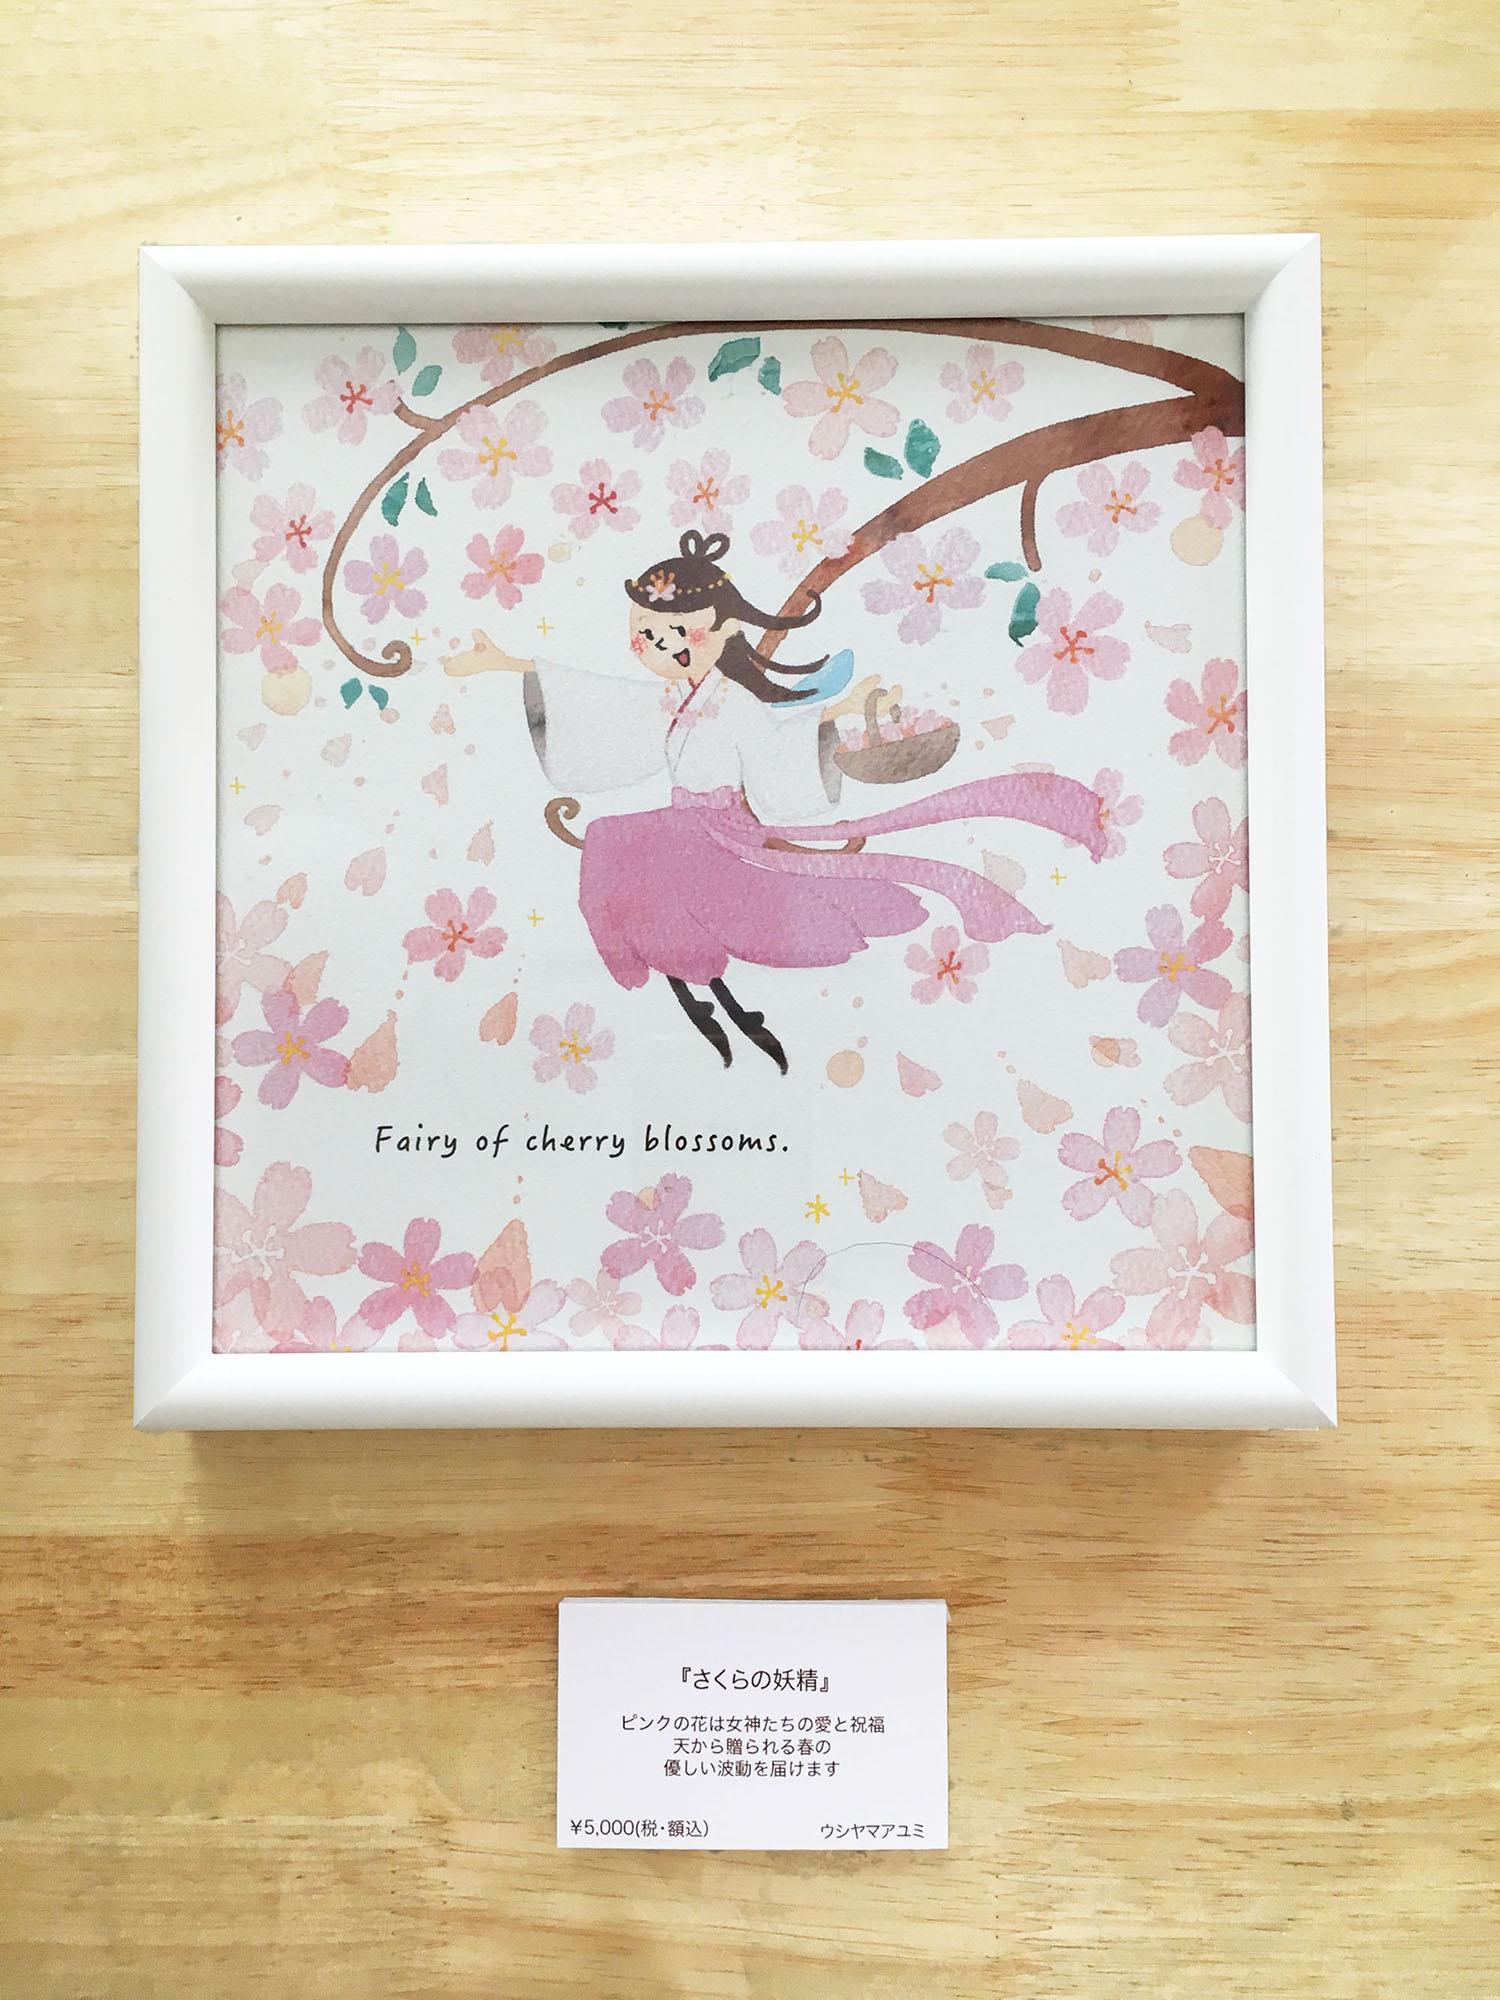 『さくらの妖精』<br>(水彩デジタルプリント)<br> W218×H218×D24mm(額寸)<br> ¥6,000(税・額込み)